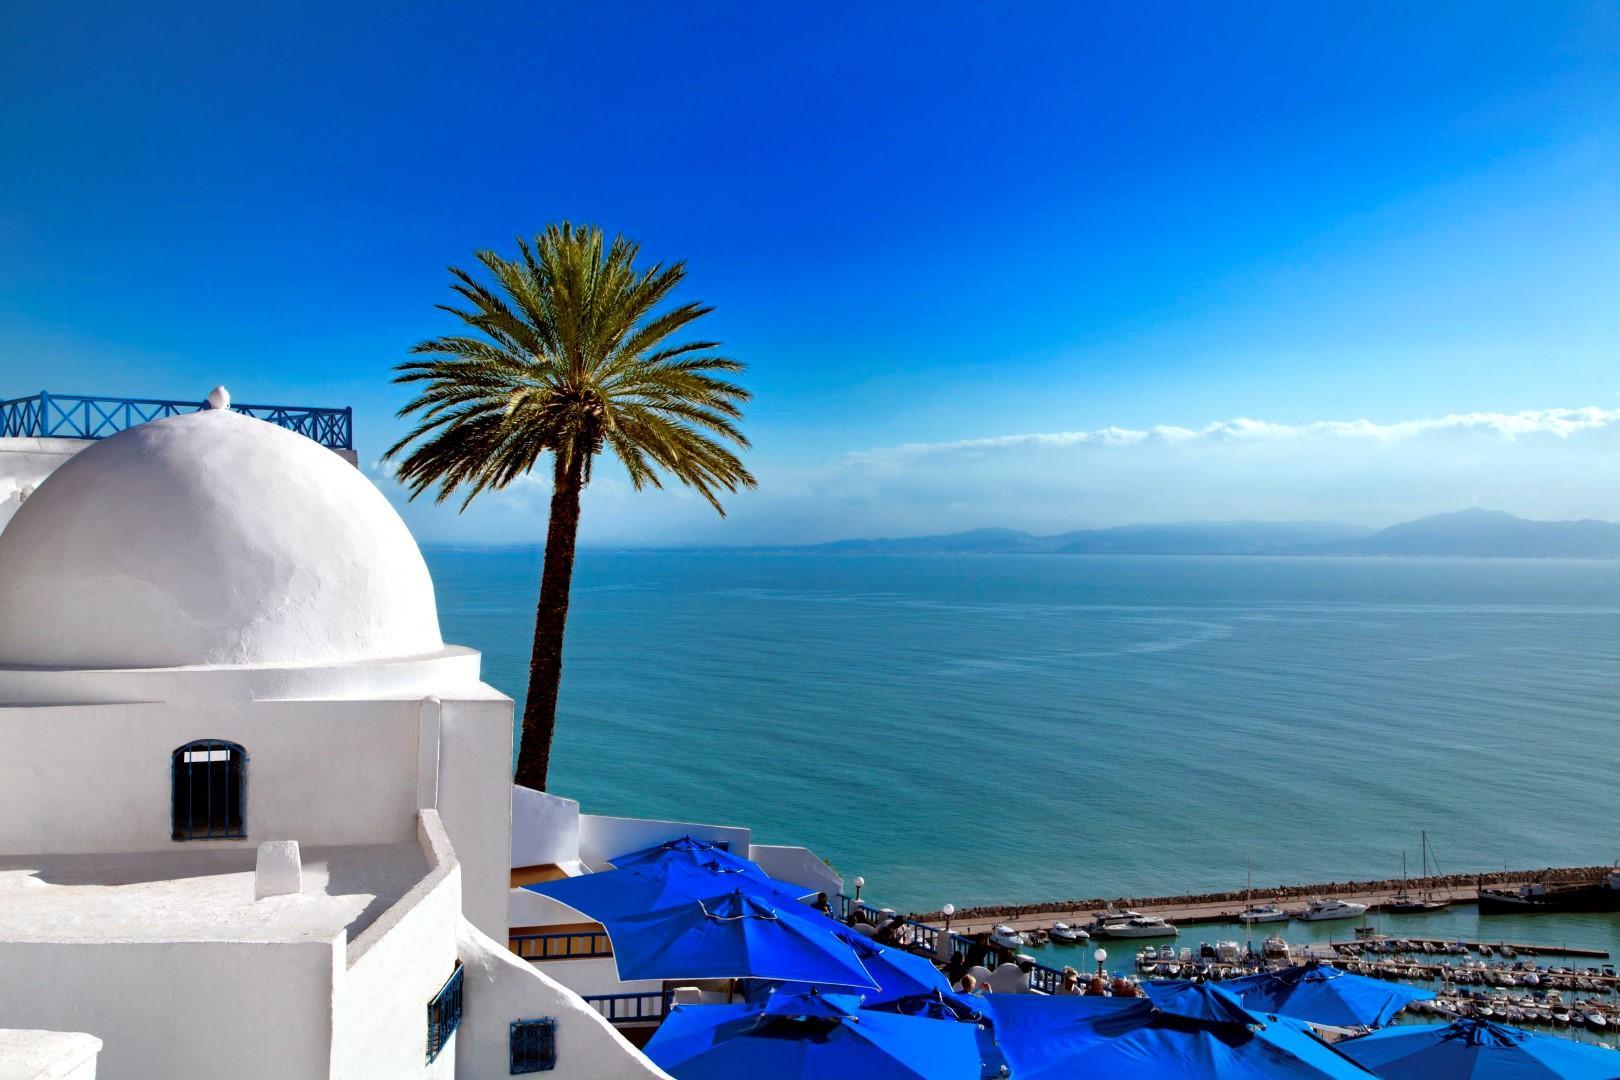 Tunisia esotica e affascinante a due passi dall'Italia